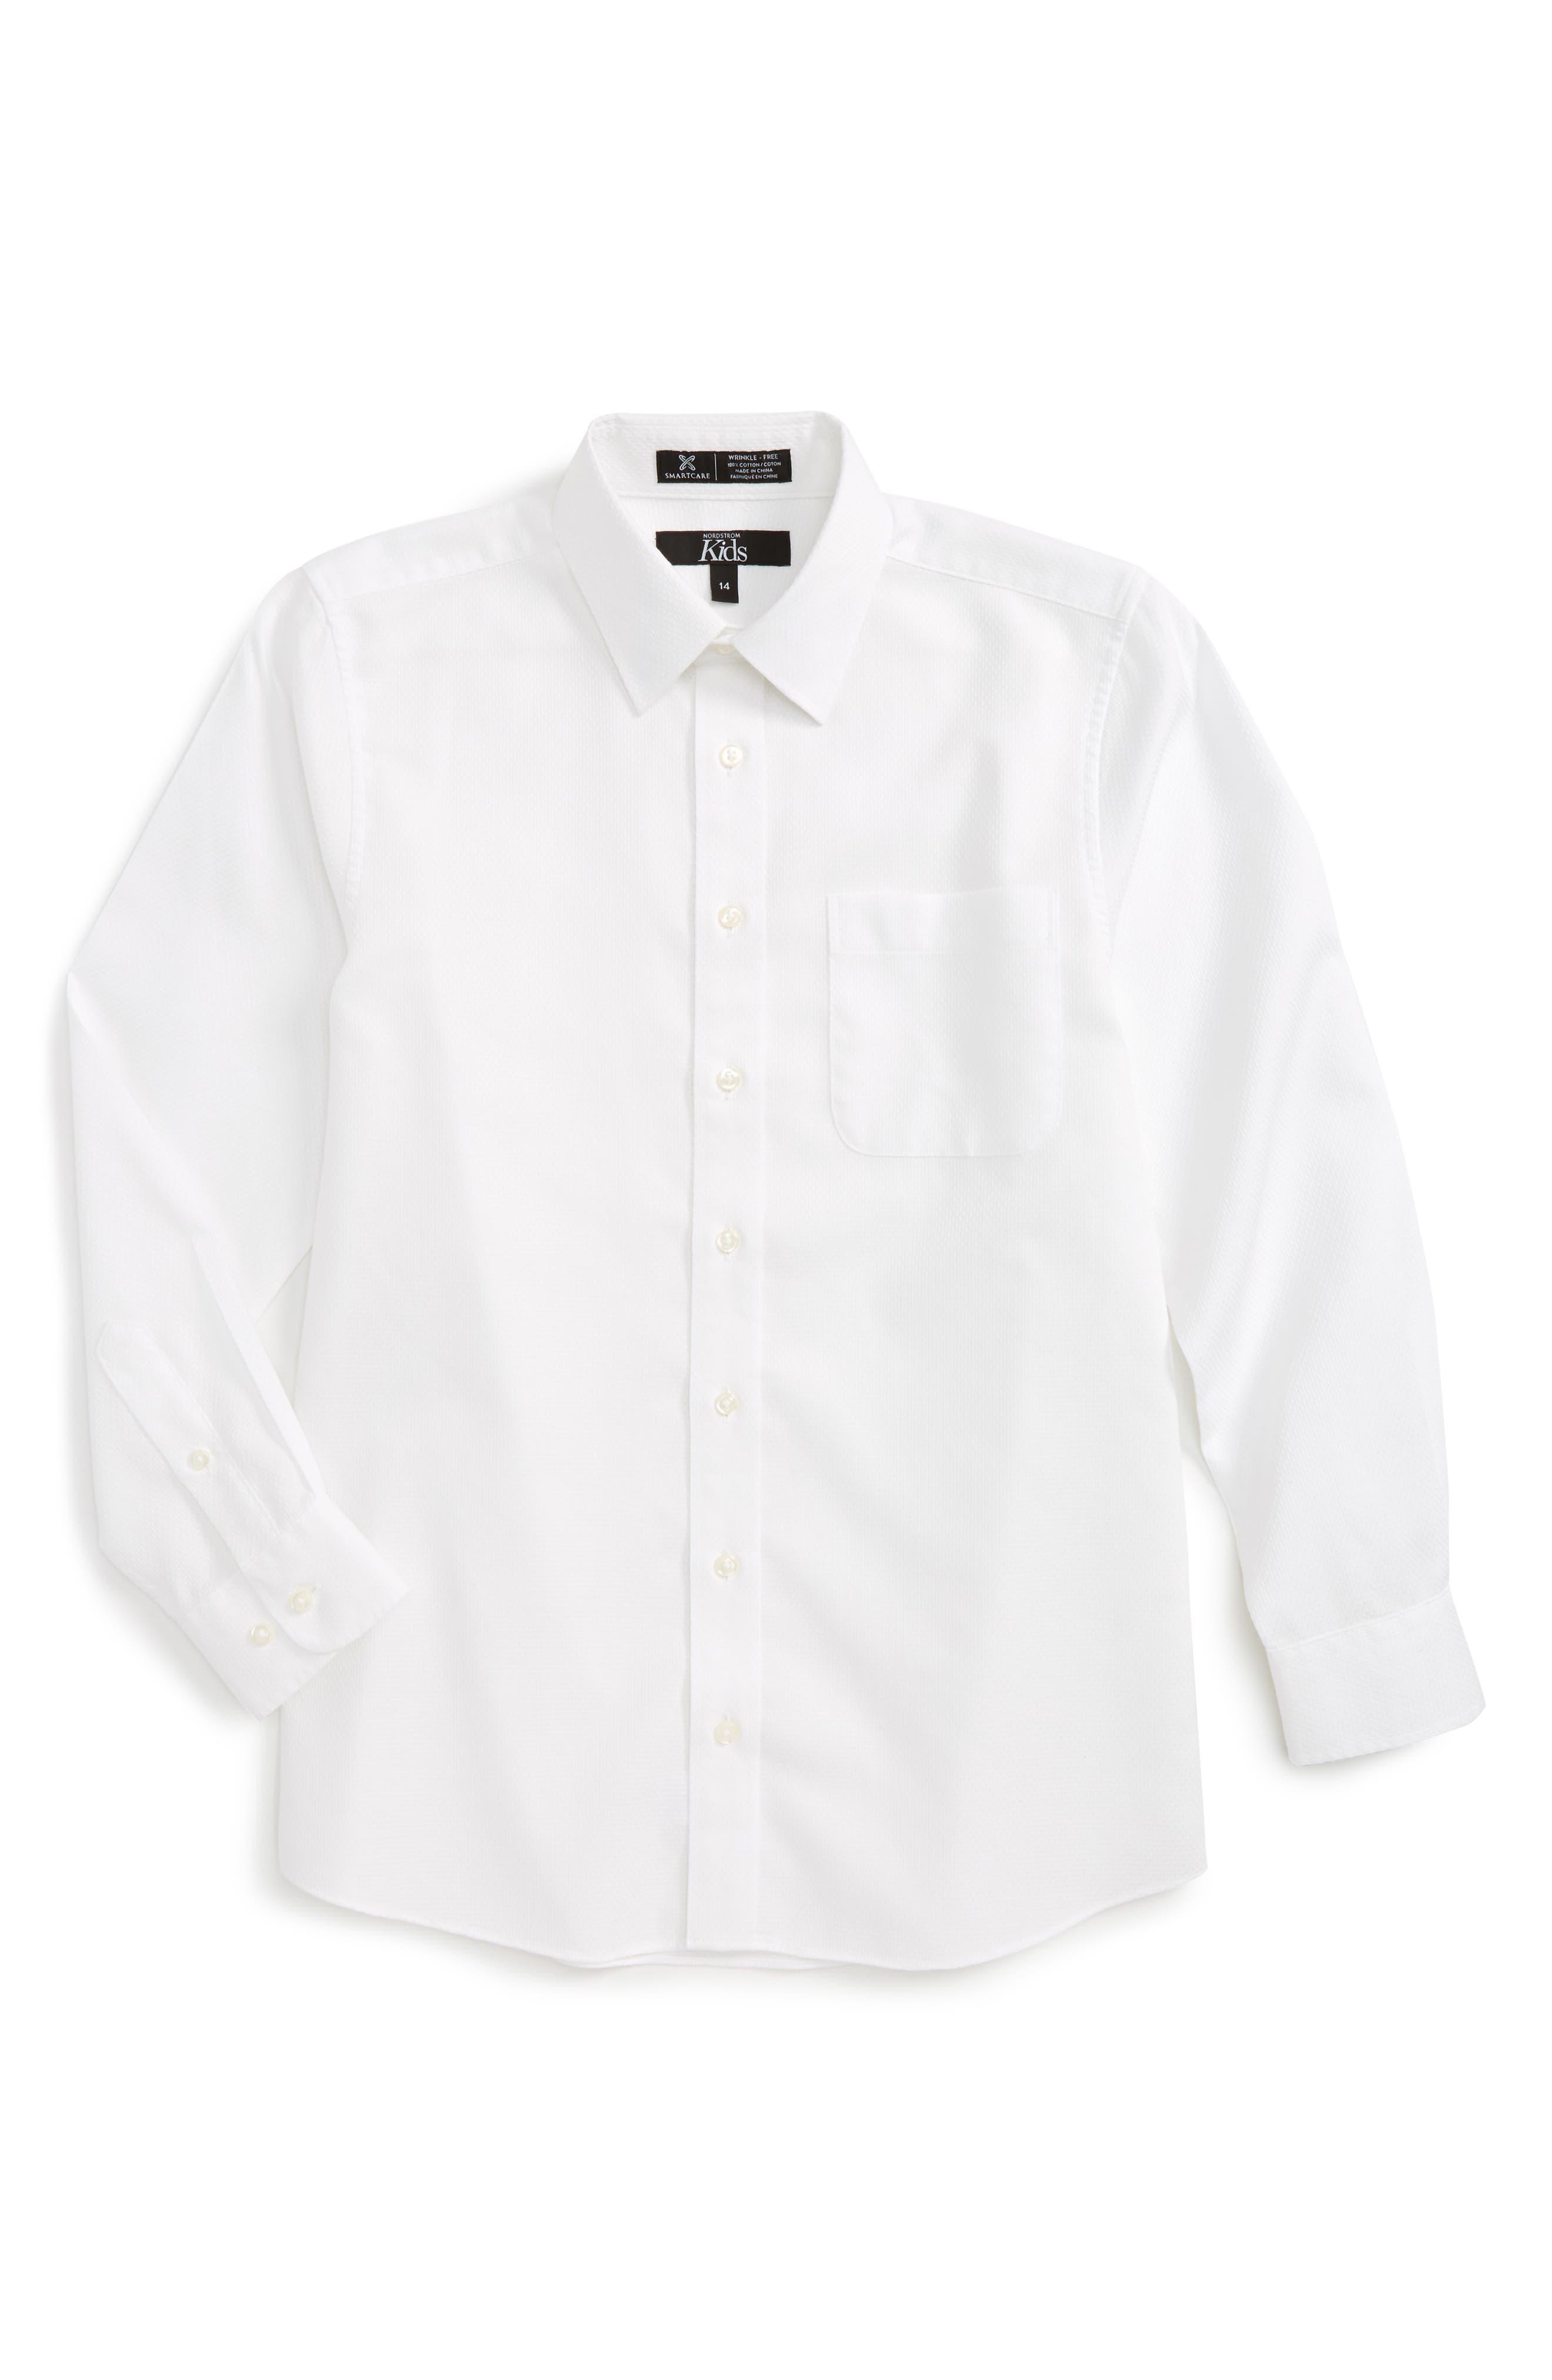 Alternate Image 1 Selected - Nordstrom Smartcare™ Honeycomb Dress Shirt (Big Boys)